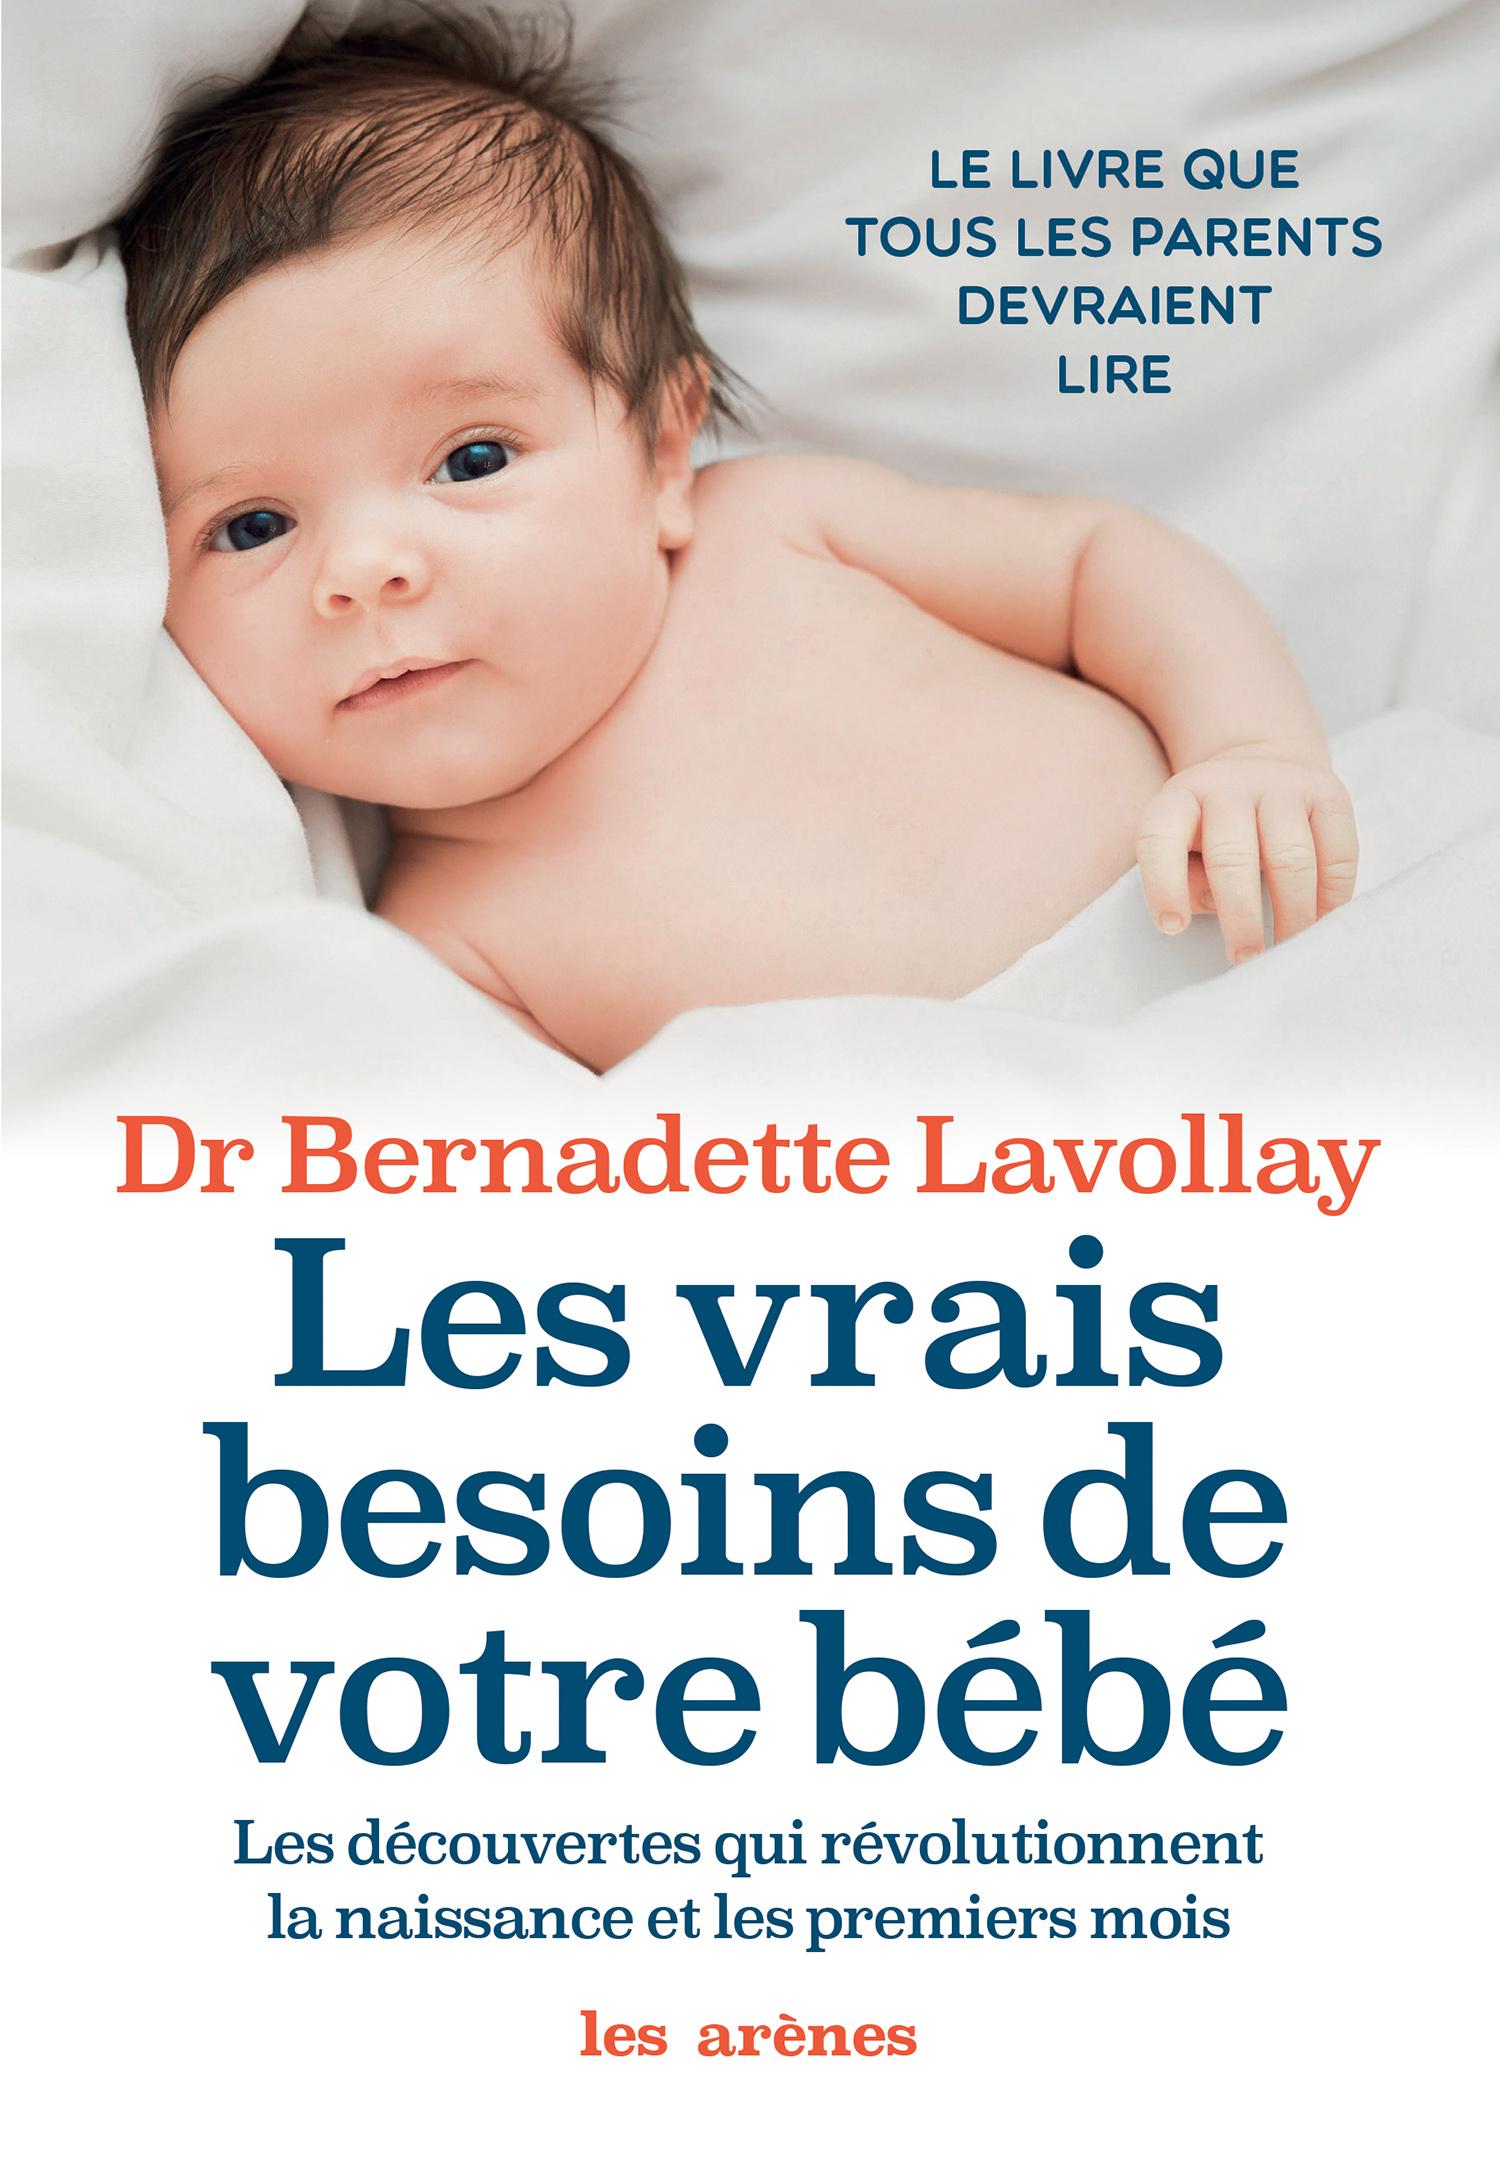 Les Vrais besoins de votre bébé |